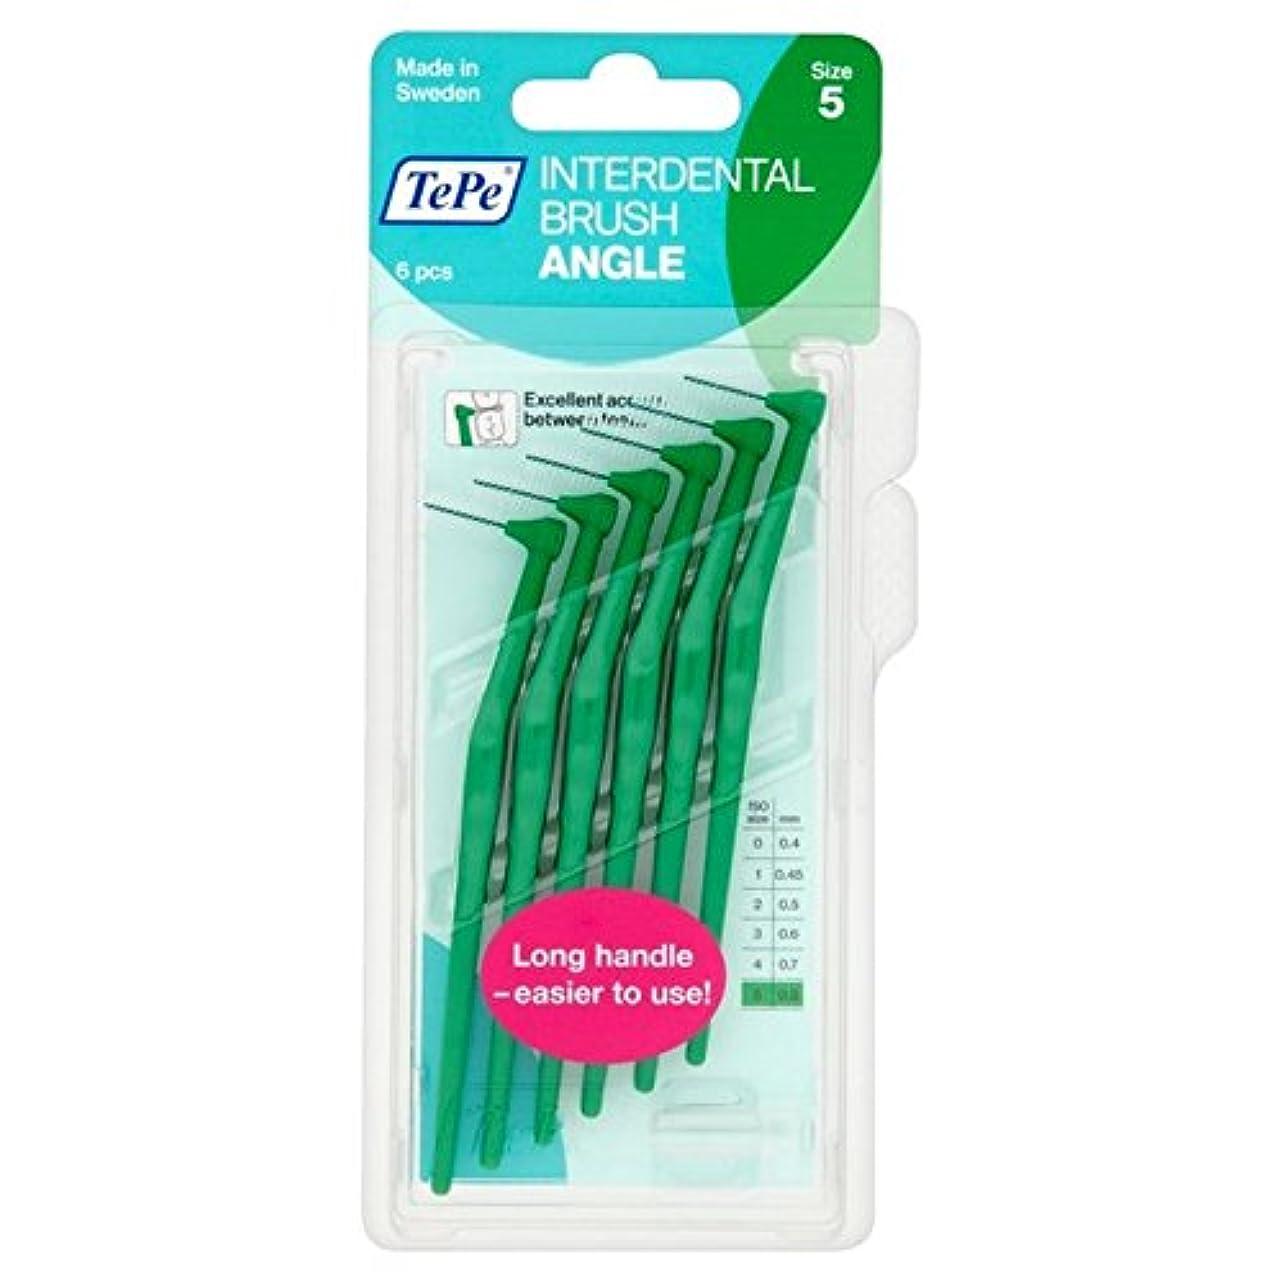 良心電信機密TePe Angle Green 0.8mm 6 per pack - パックあたり6 0.8ミリメートル緑テペ角度 [並行輸入品]